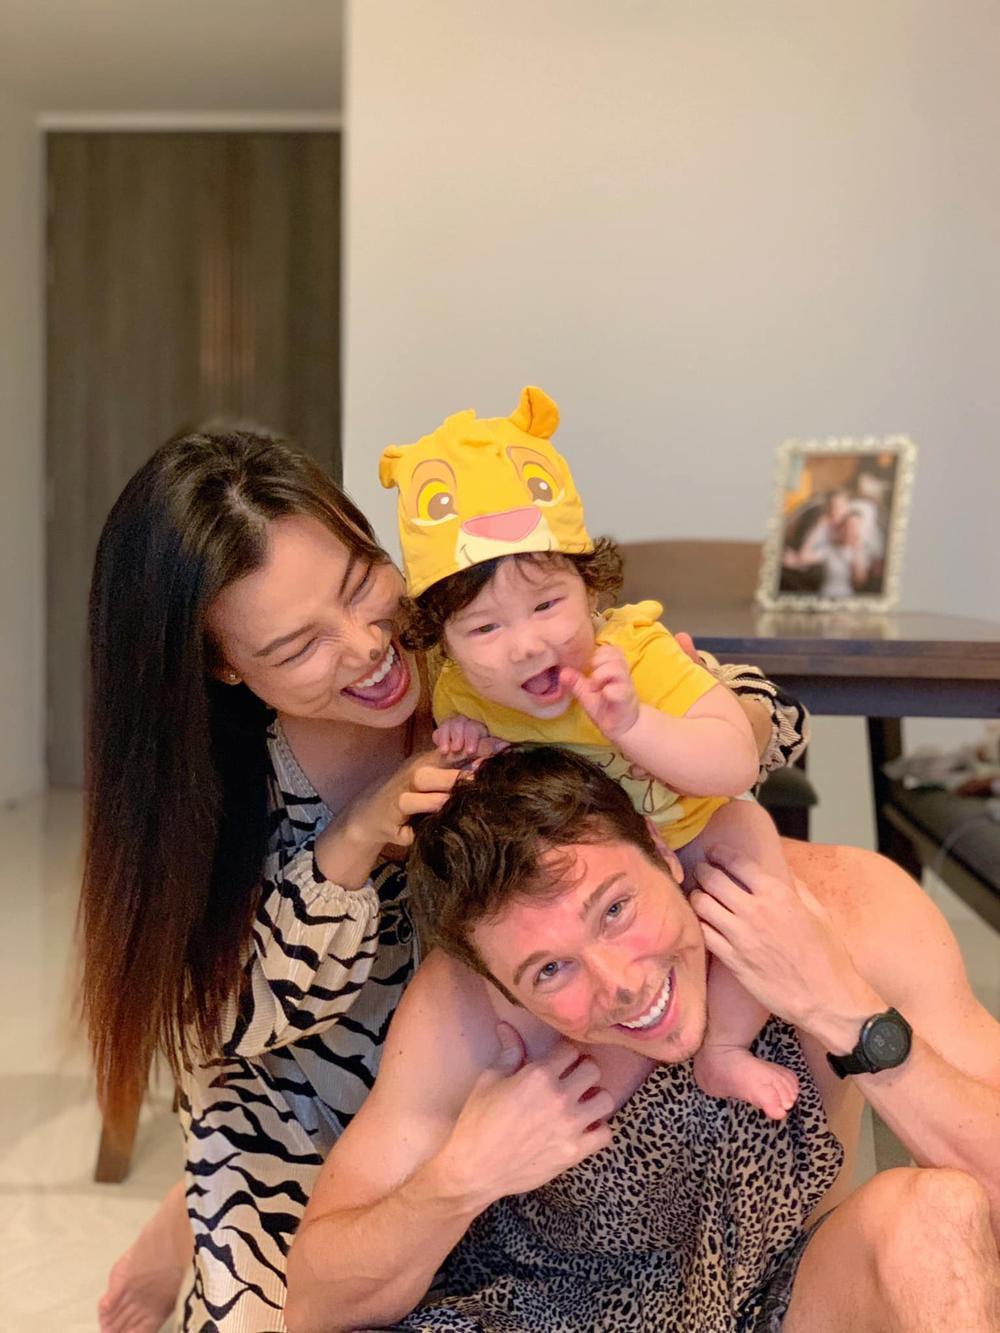 MC Hoàng Oanh đăng ảnh tình tứ kèm lời mật ngọt mừng sinh nhật chồng Tây Ảnh 3